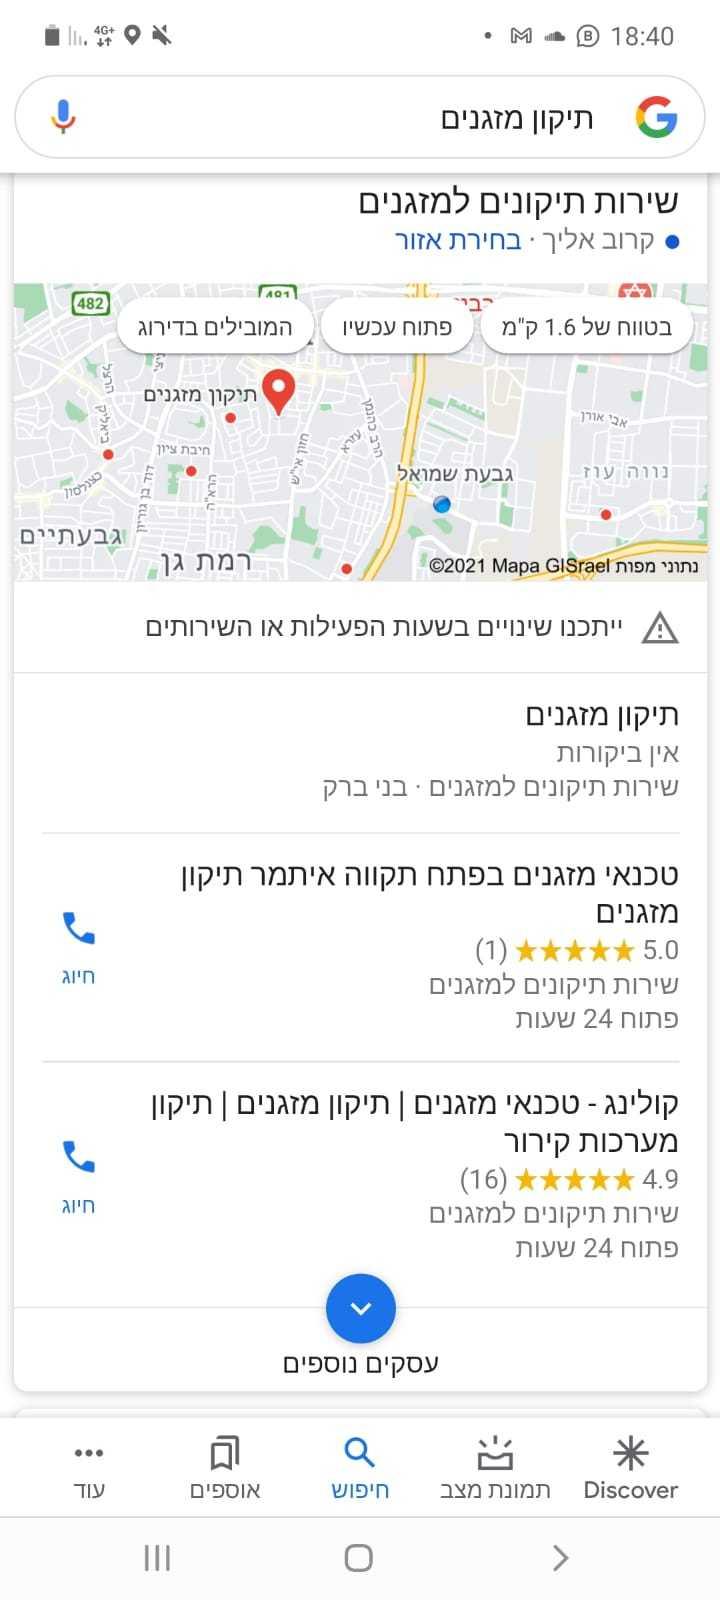 פרסום חינם במפות של גוגל